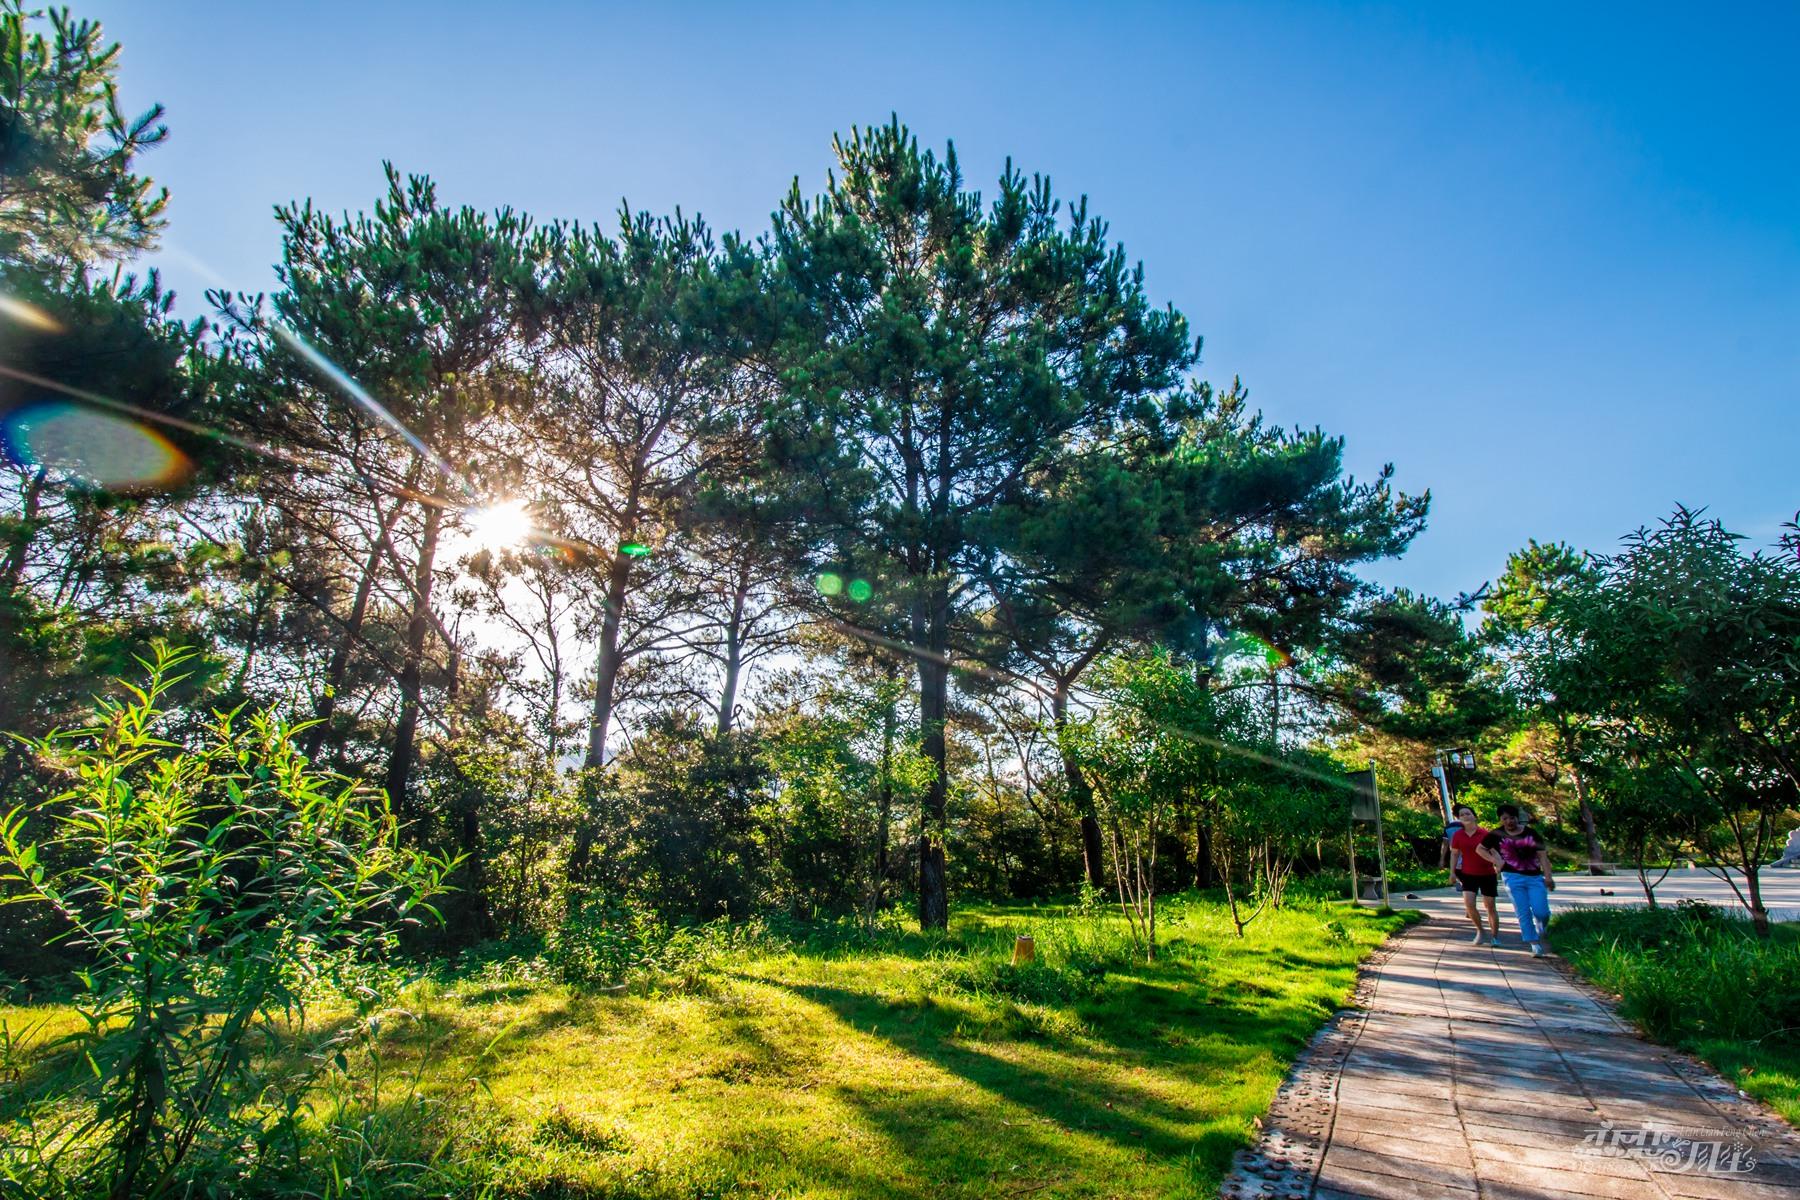 浦北文昌公园